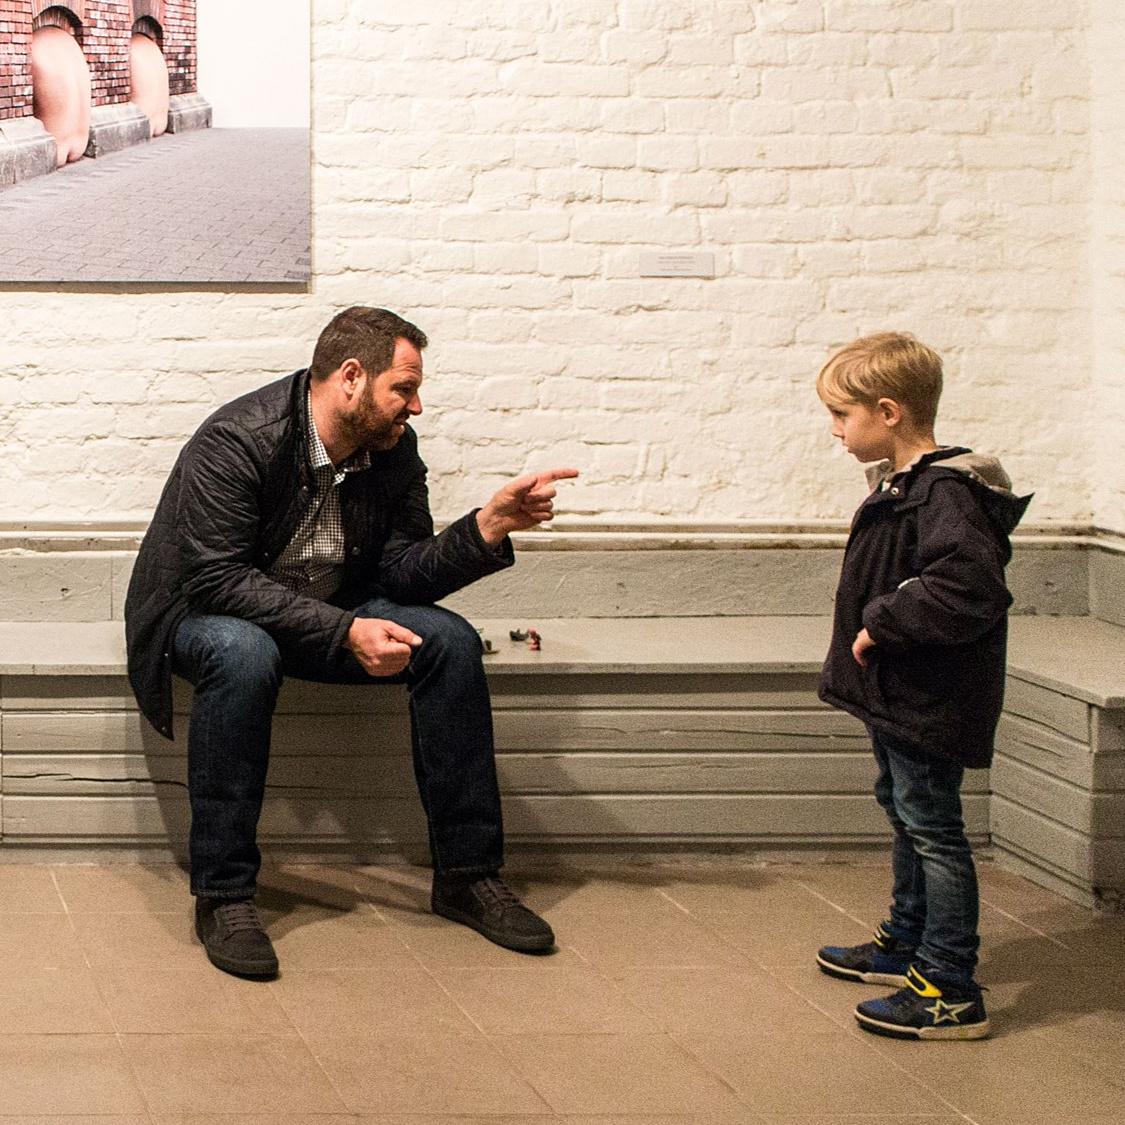 Kísérletezzünk és gondolkozzunk! – Non-profit képzőművészeti színterek